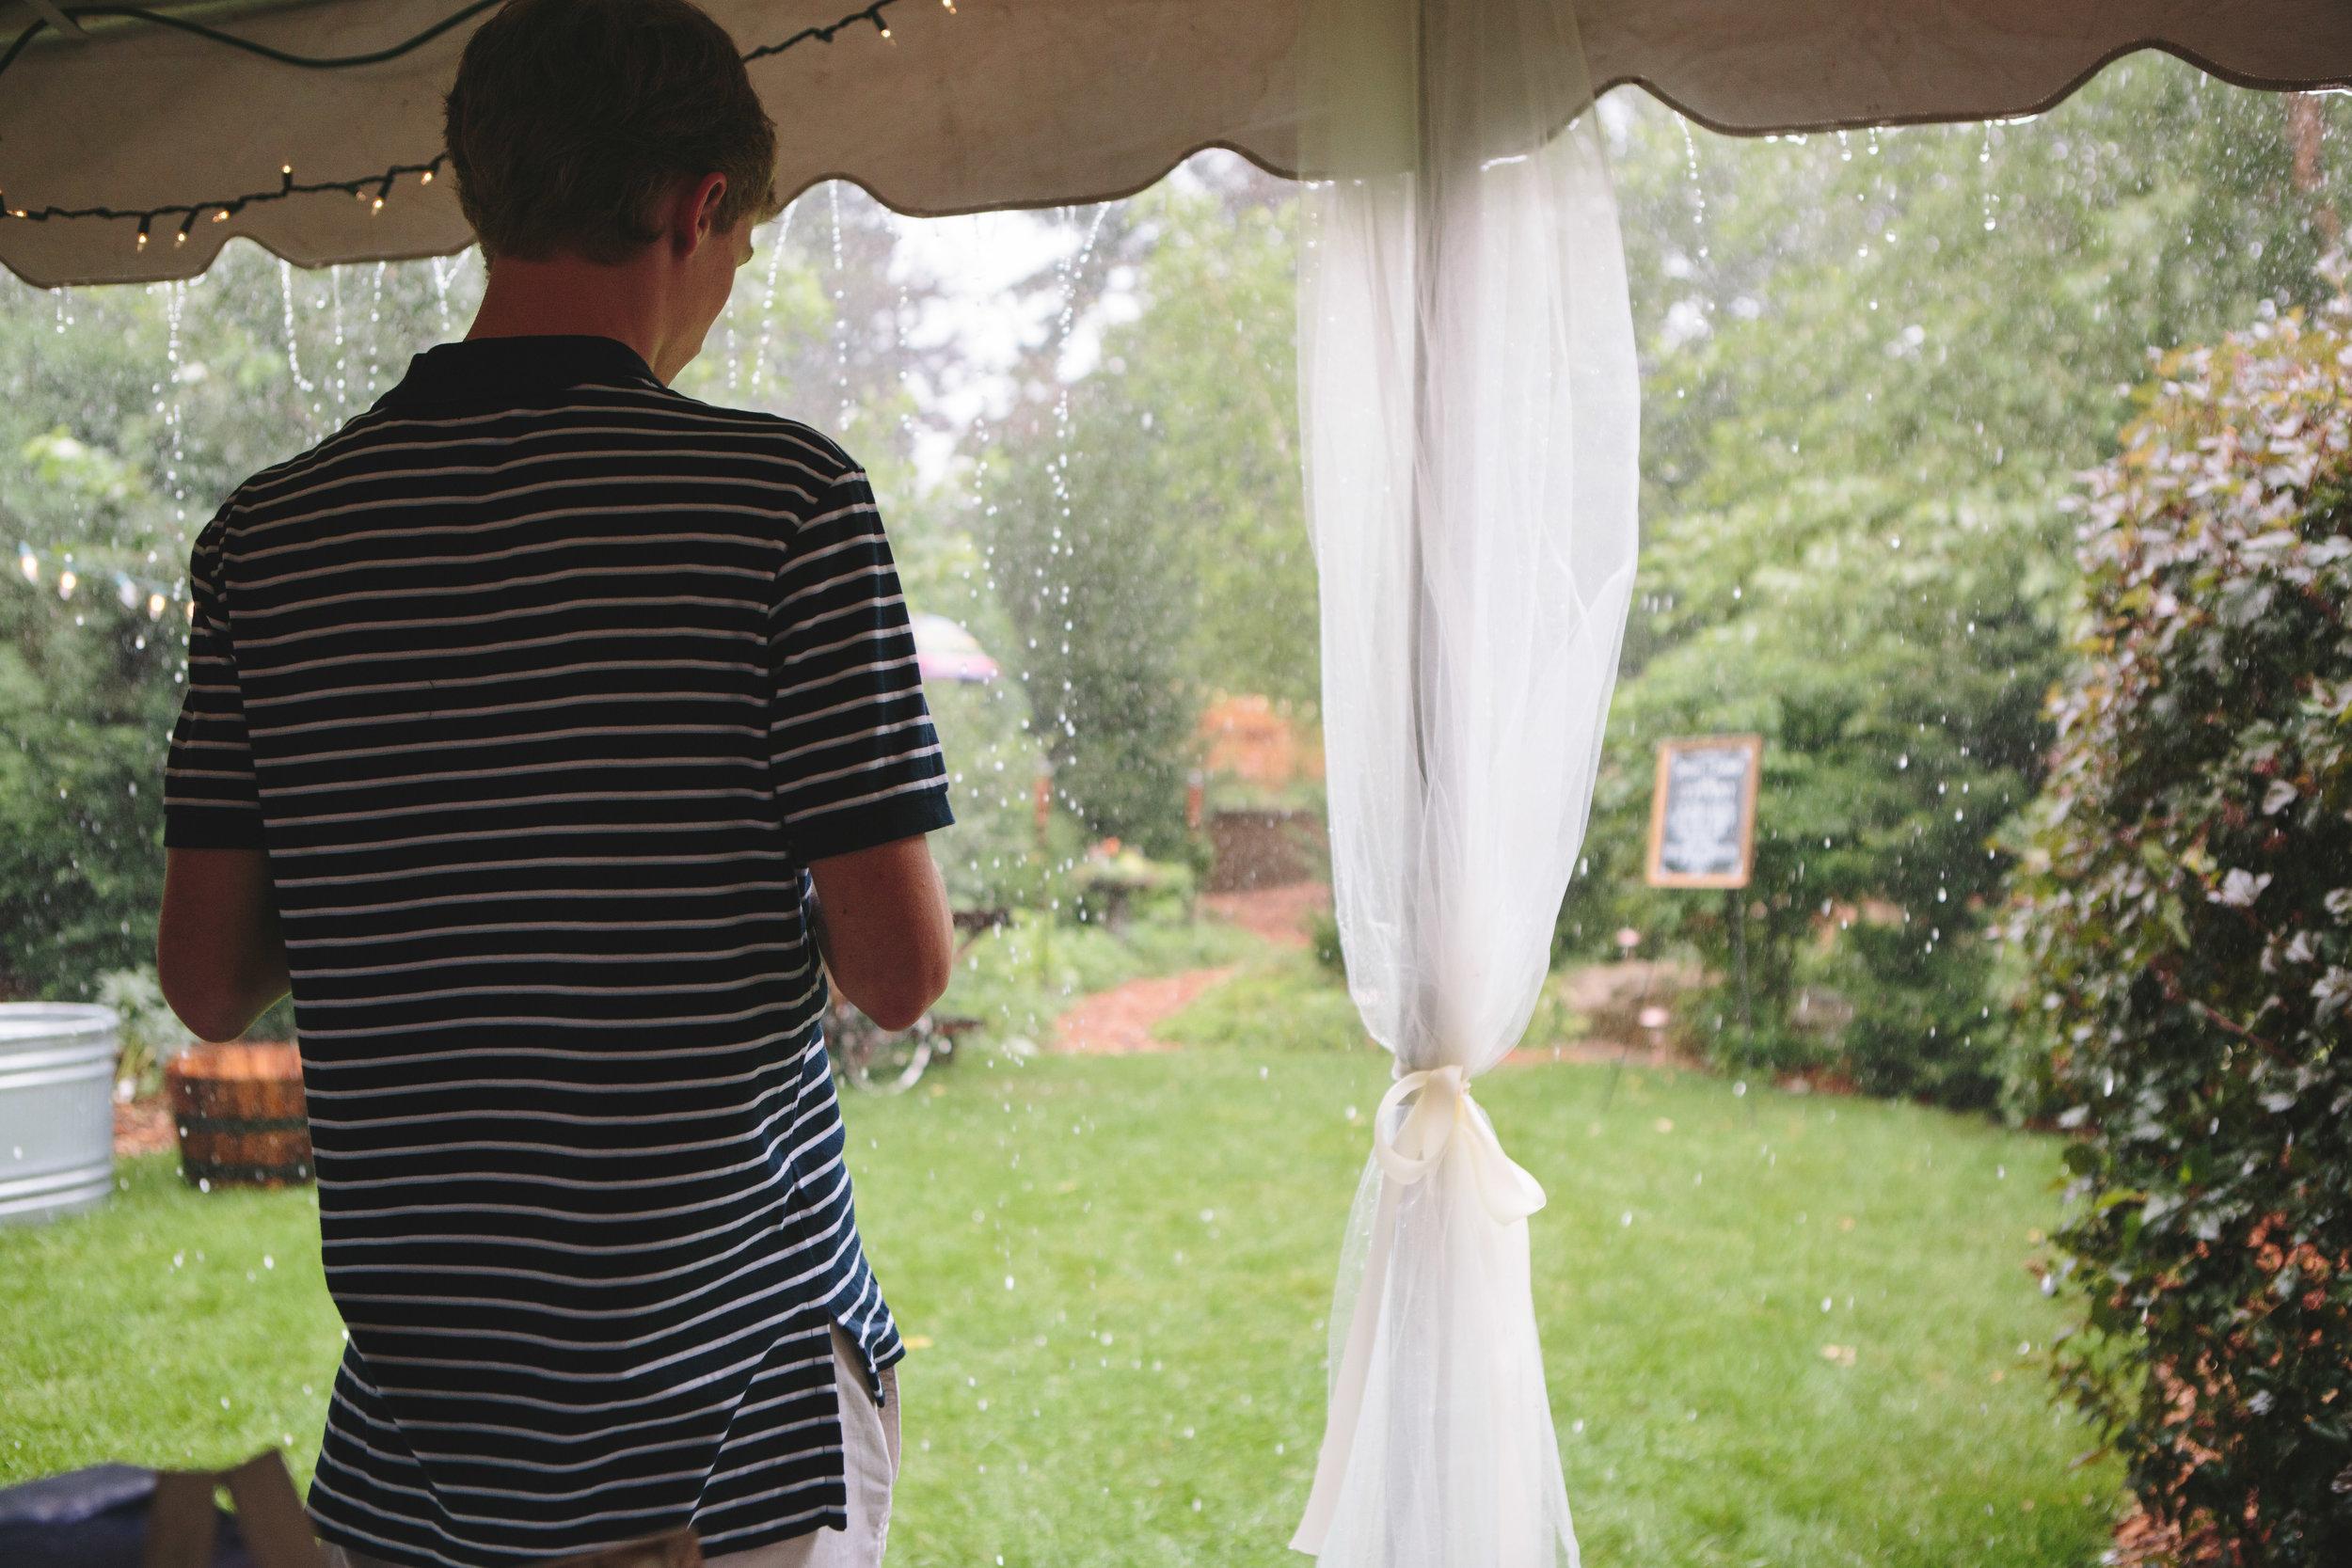 Lauren Baker Photography in case of rain on wedding